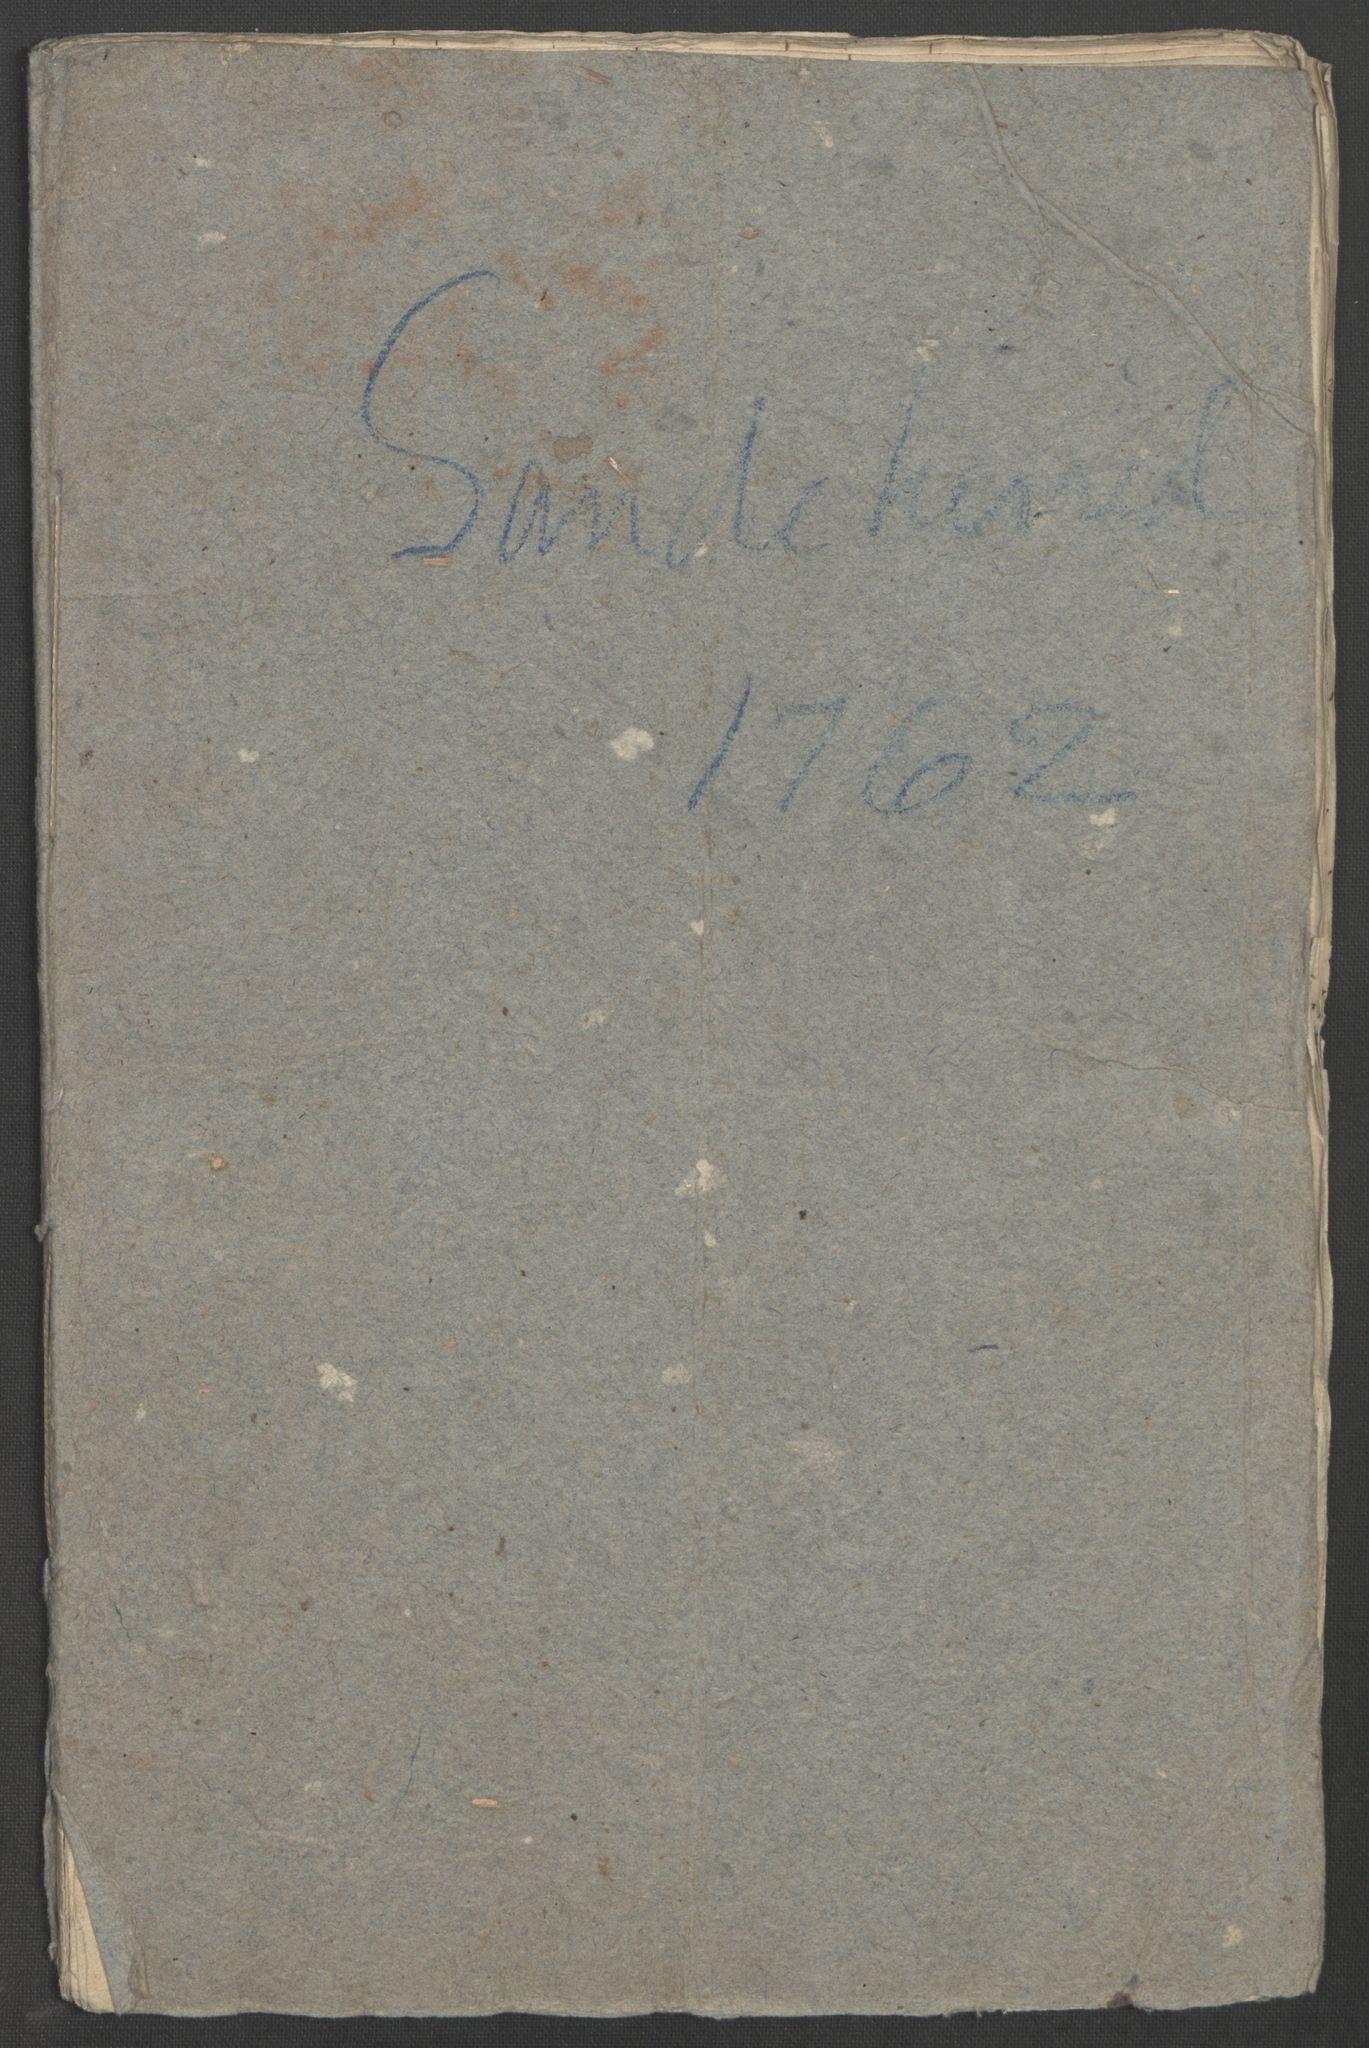 RA, Rentekammeret inntil 1814, Reviderte regnskaper, Fogderegnskap, R33/L2033: Ekstraskatten Larvik grevskap, 1762-1764, s. 147